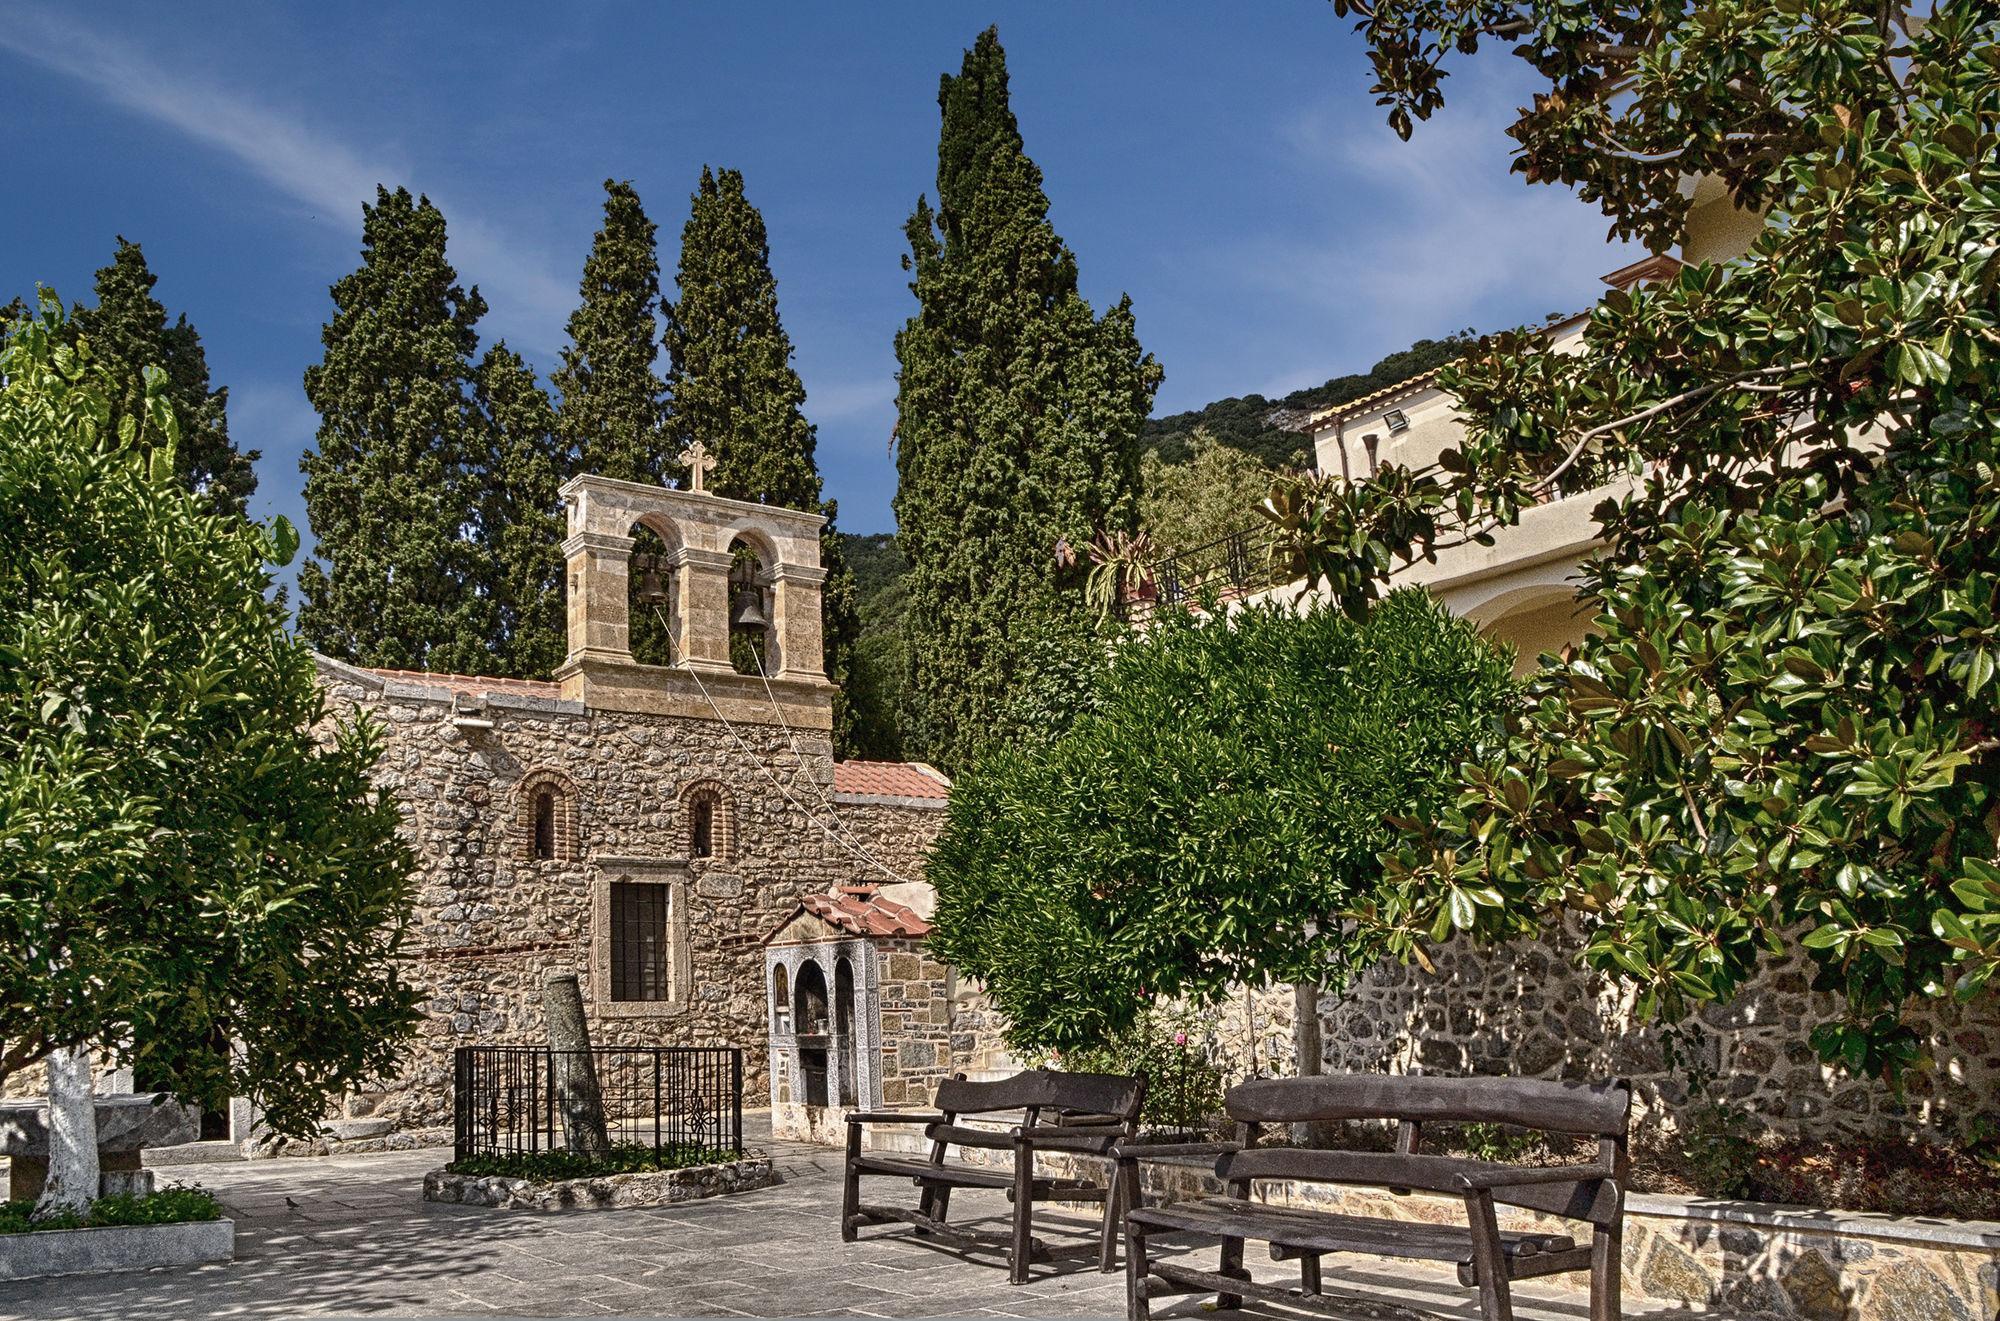 Православный монастырь туристы посещают нечасто, поэтому здесь сохранился дух святости и намоленности. Комплексу строений более 800 лет, и в течение этого времени здесь проводятся службы